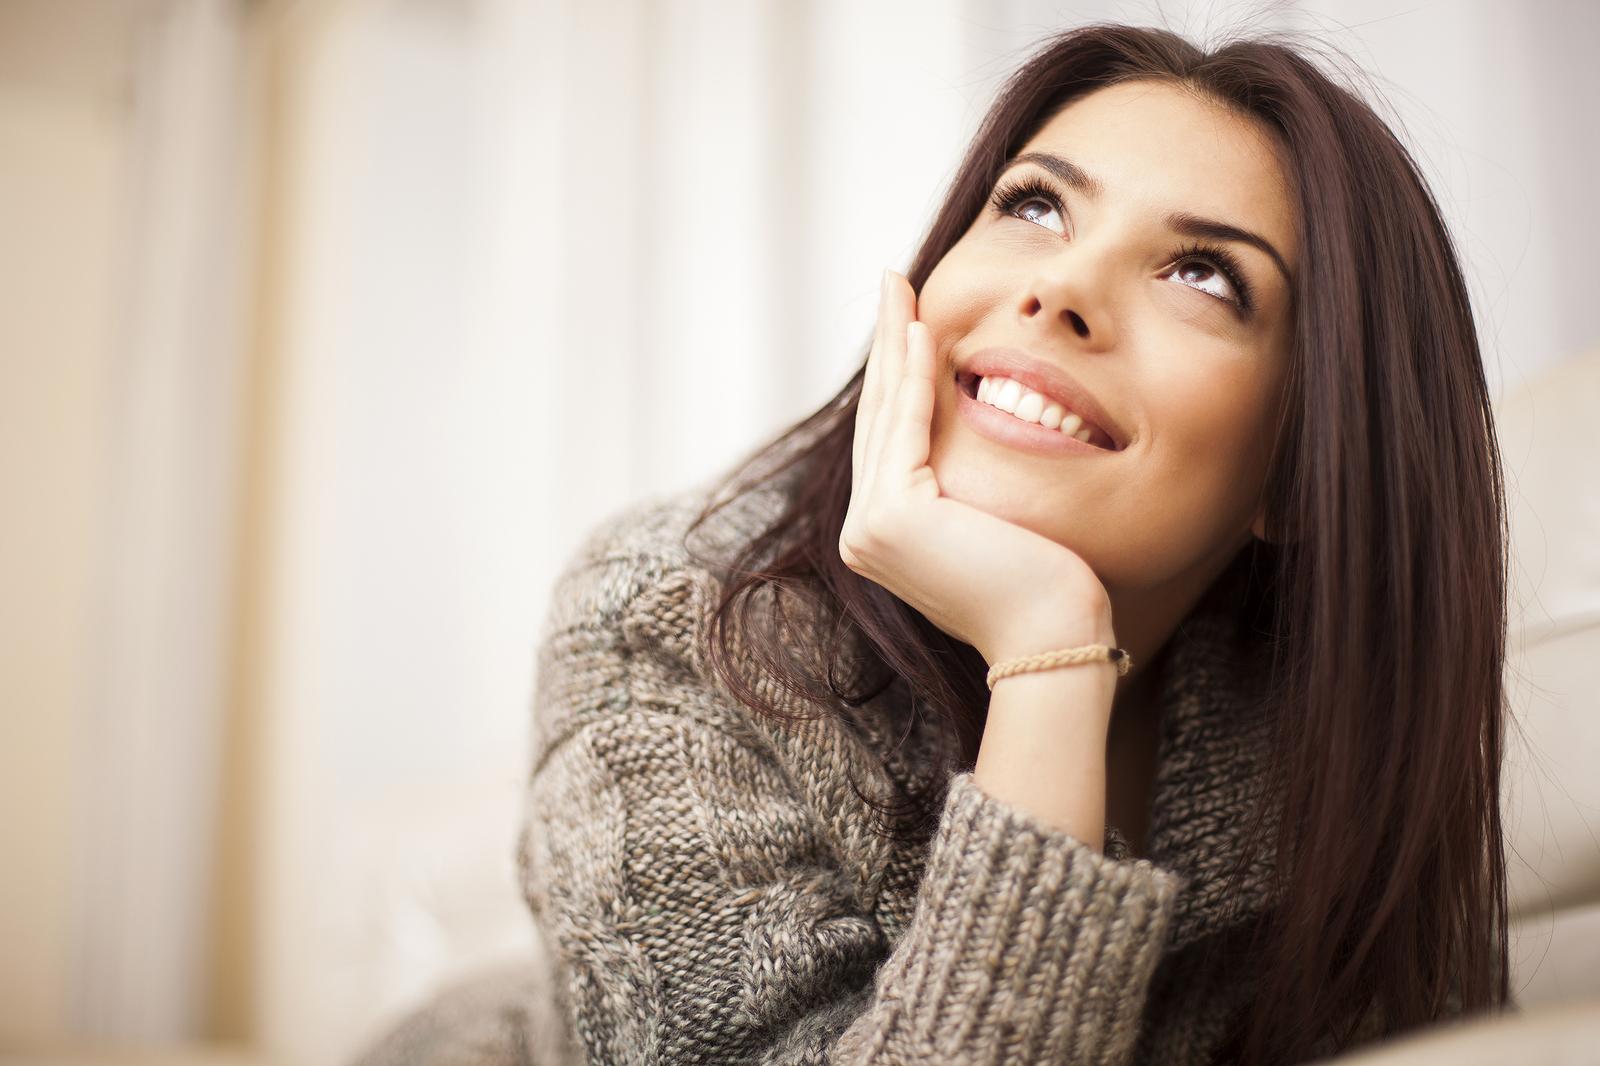 Los 7 mejores consejos para ser feliz